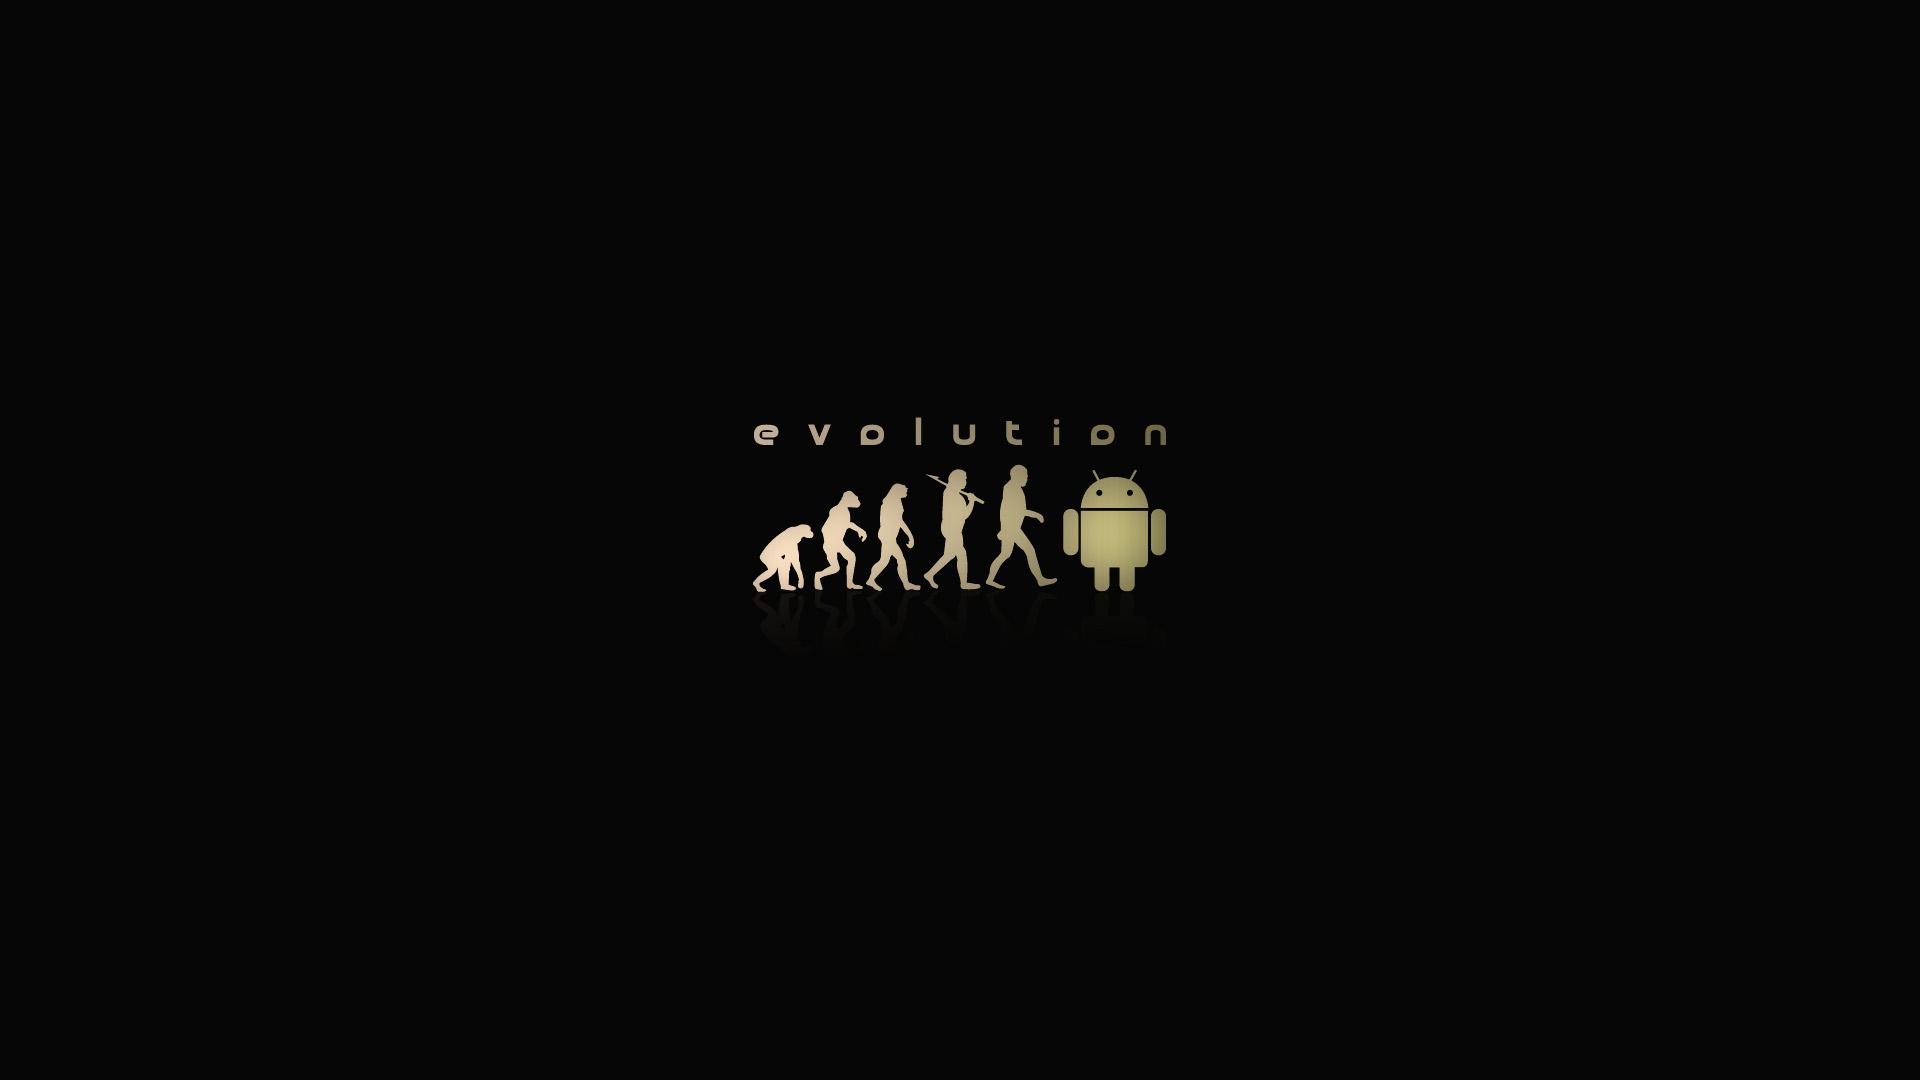 Linux Evolution